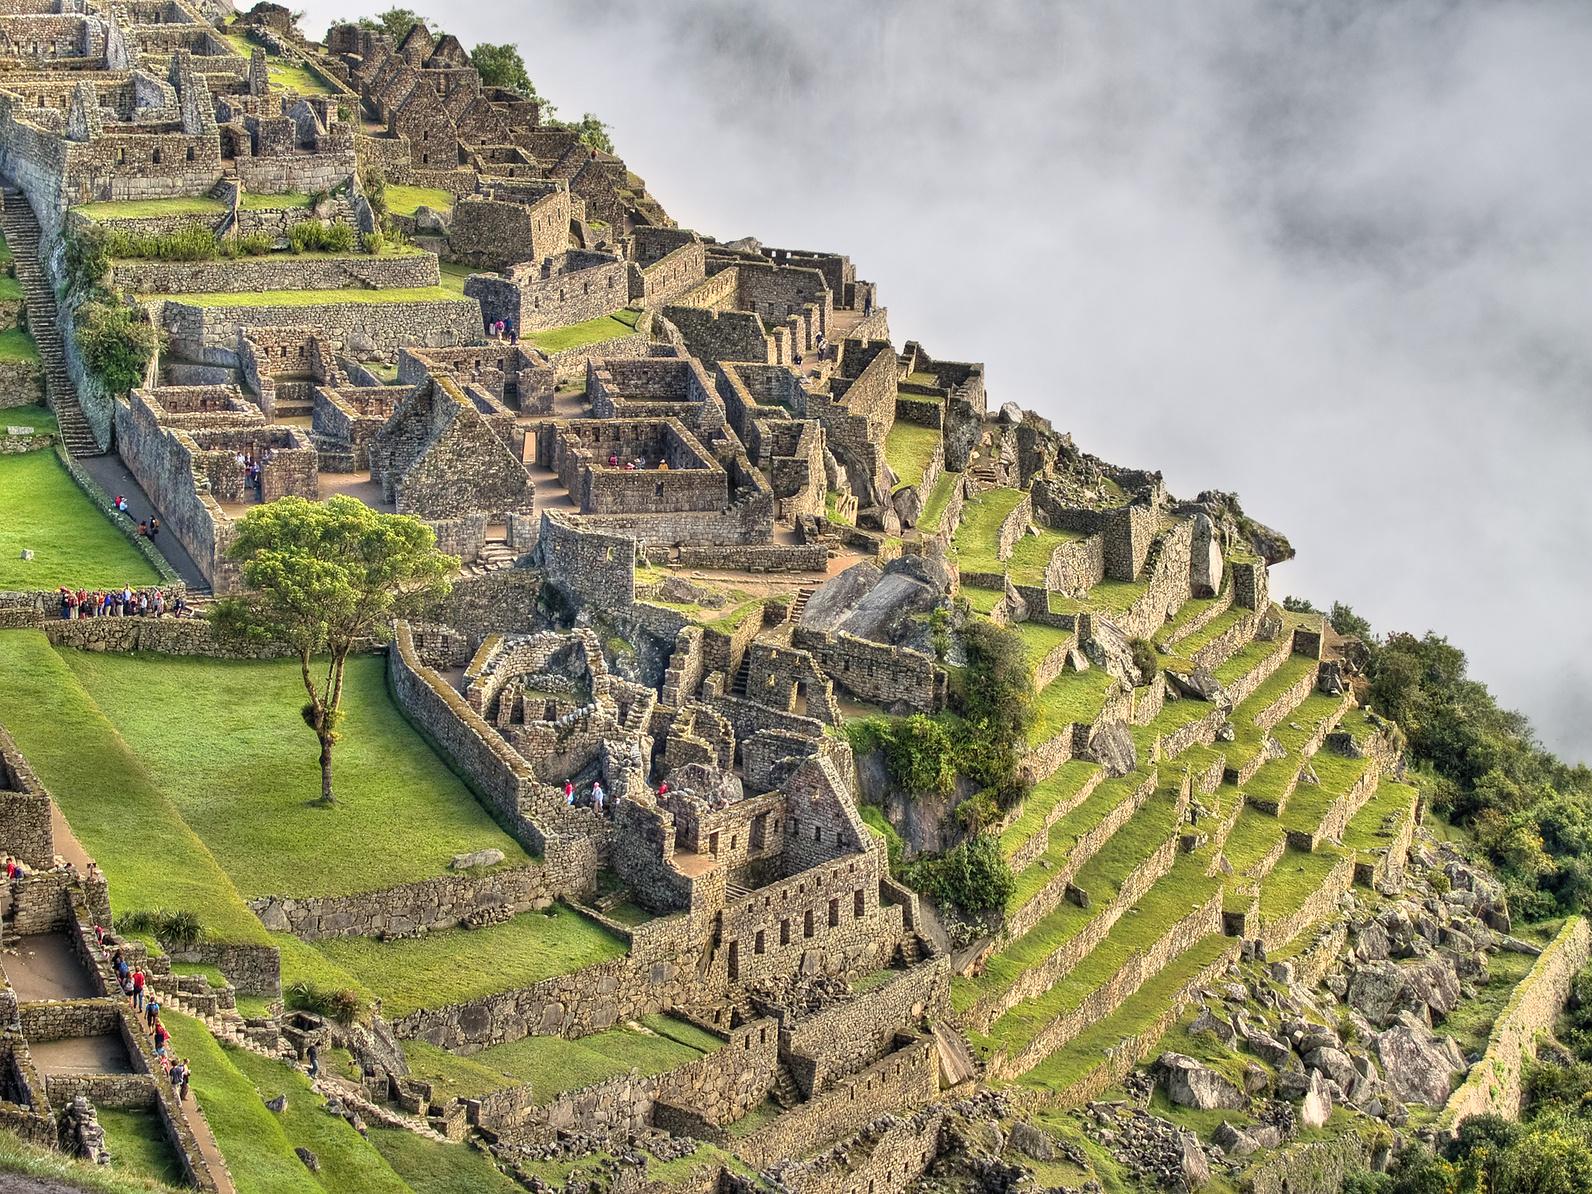 """مدينة ماتشو بيتشو """"الحديقة المعلقة"""" مدينة الإنكا المفقودة فوق السحاب machu-picchu"""